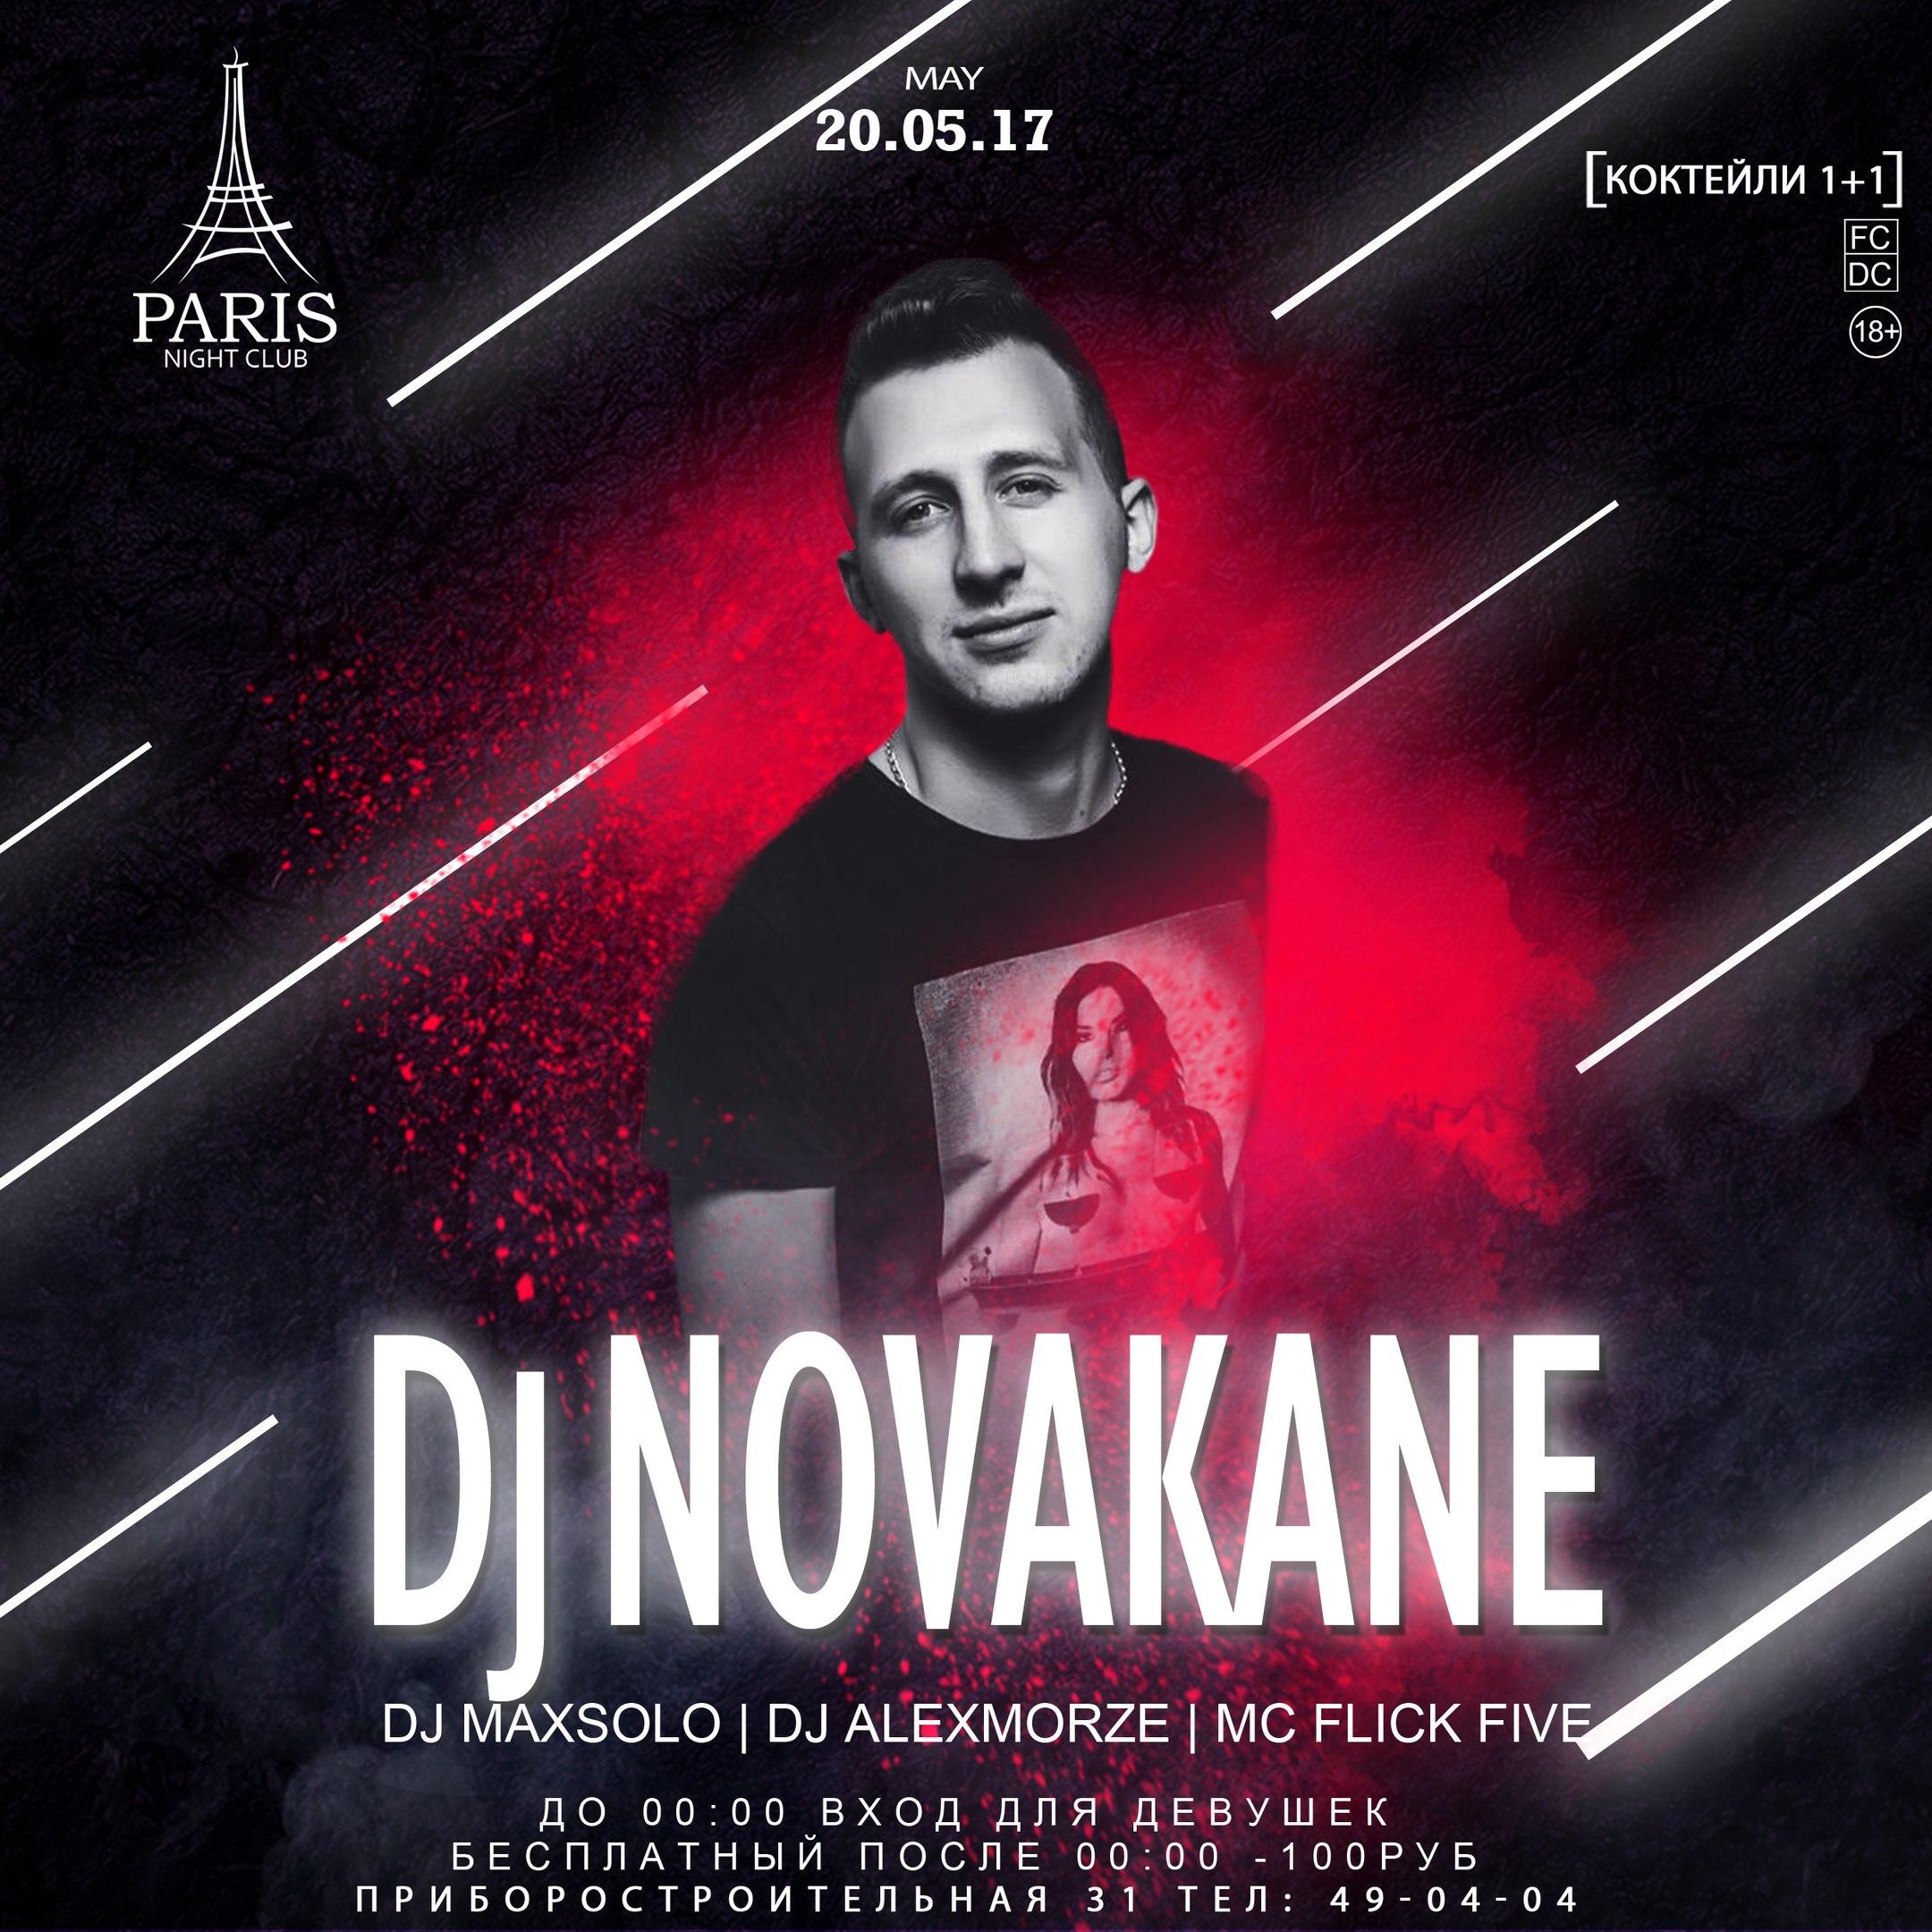 DJ Novakane